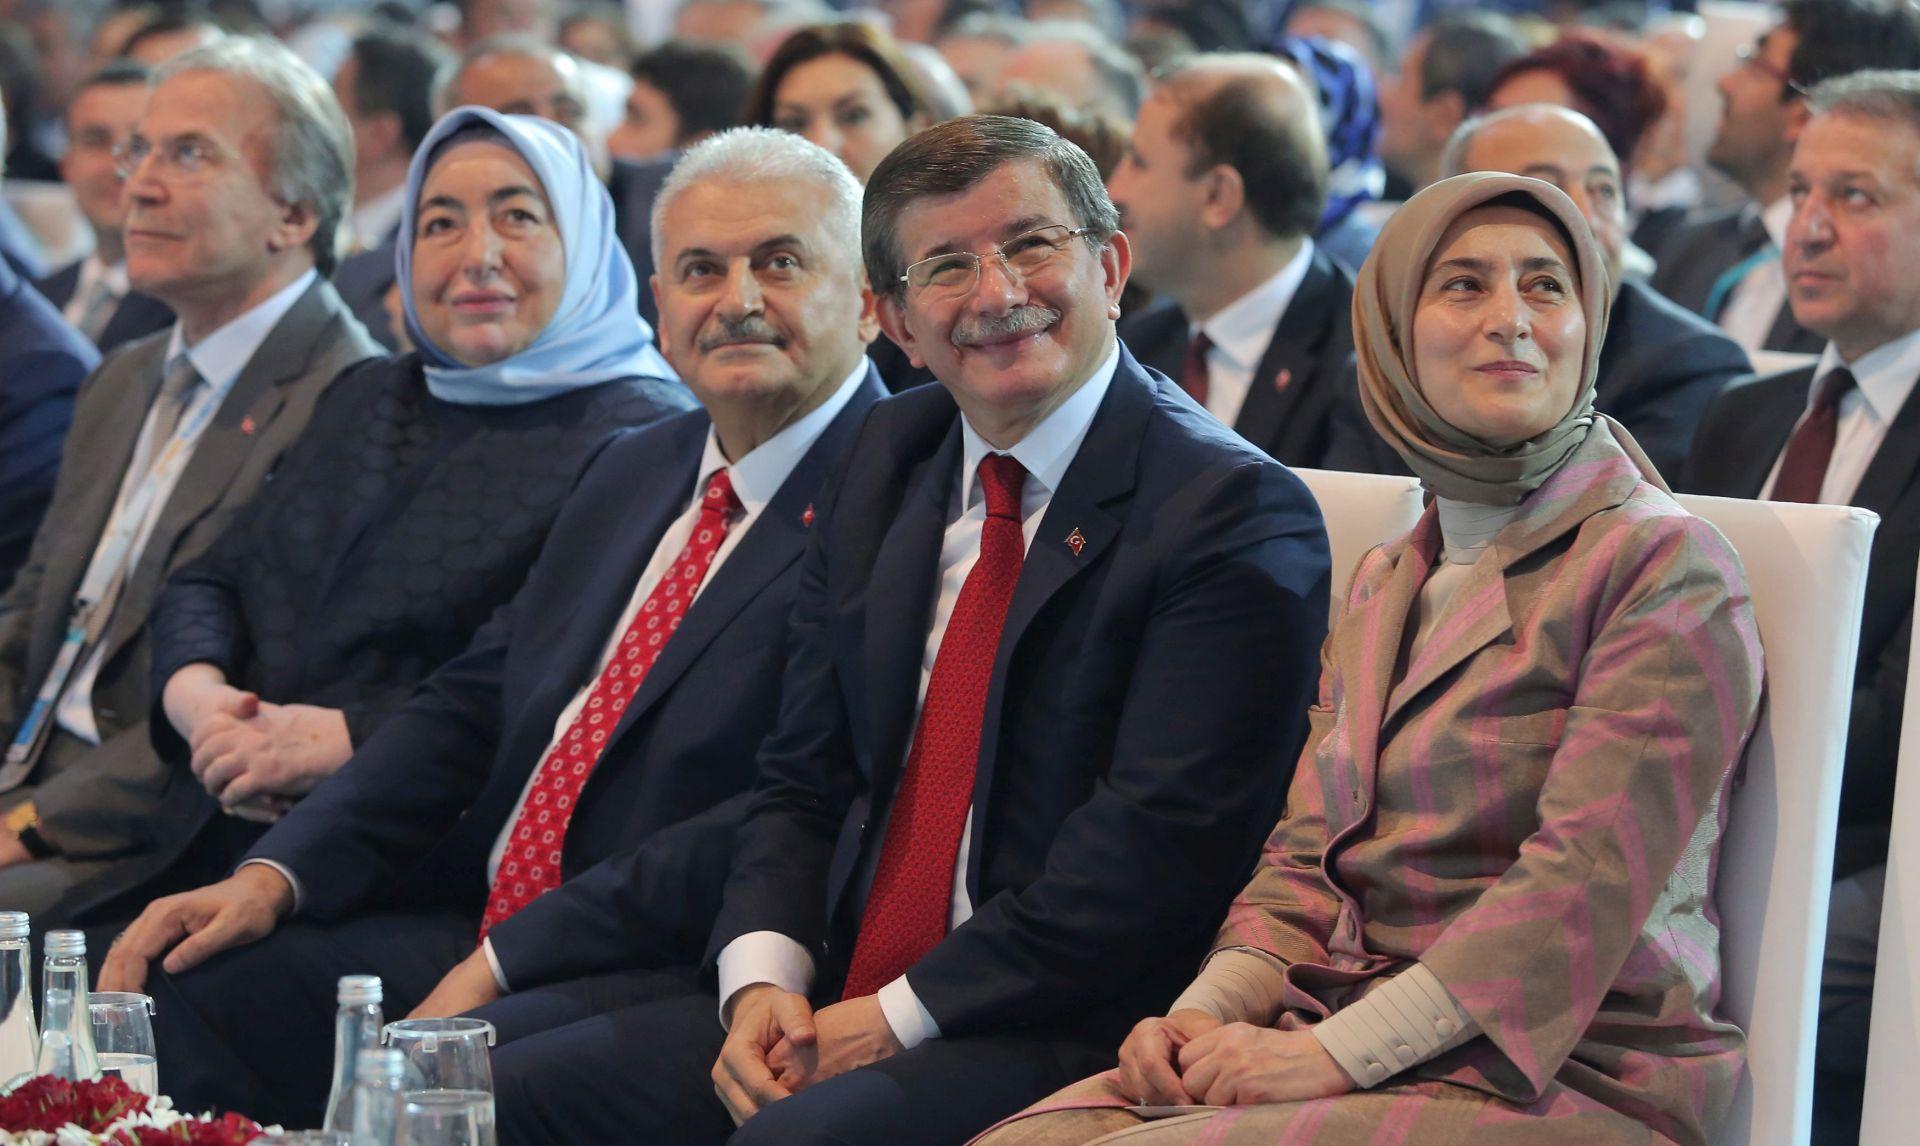 Binali Yildirim: Najodaniji Erdoganov suradnik postao premijer